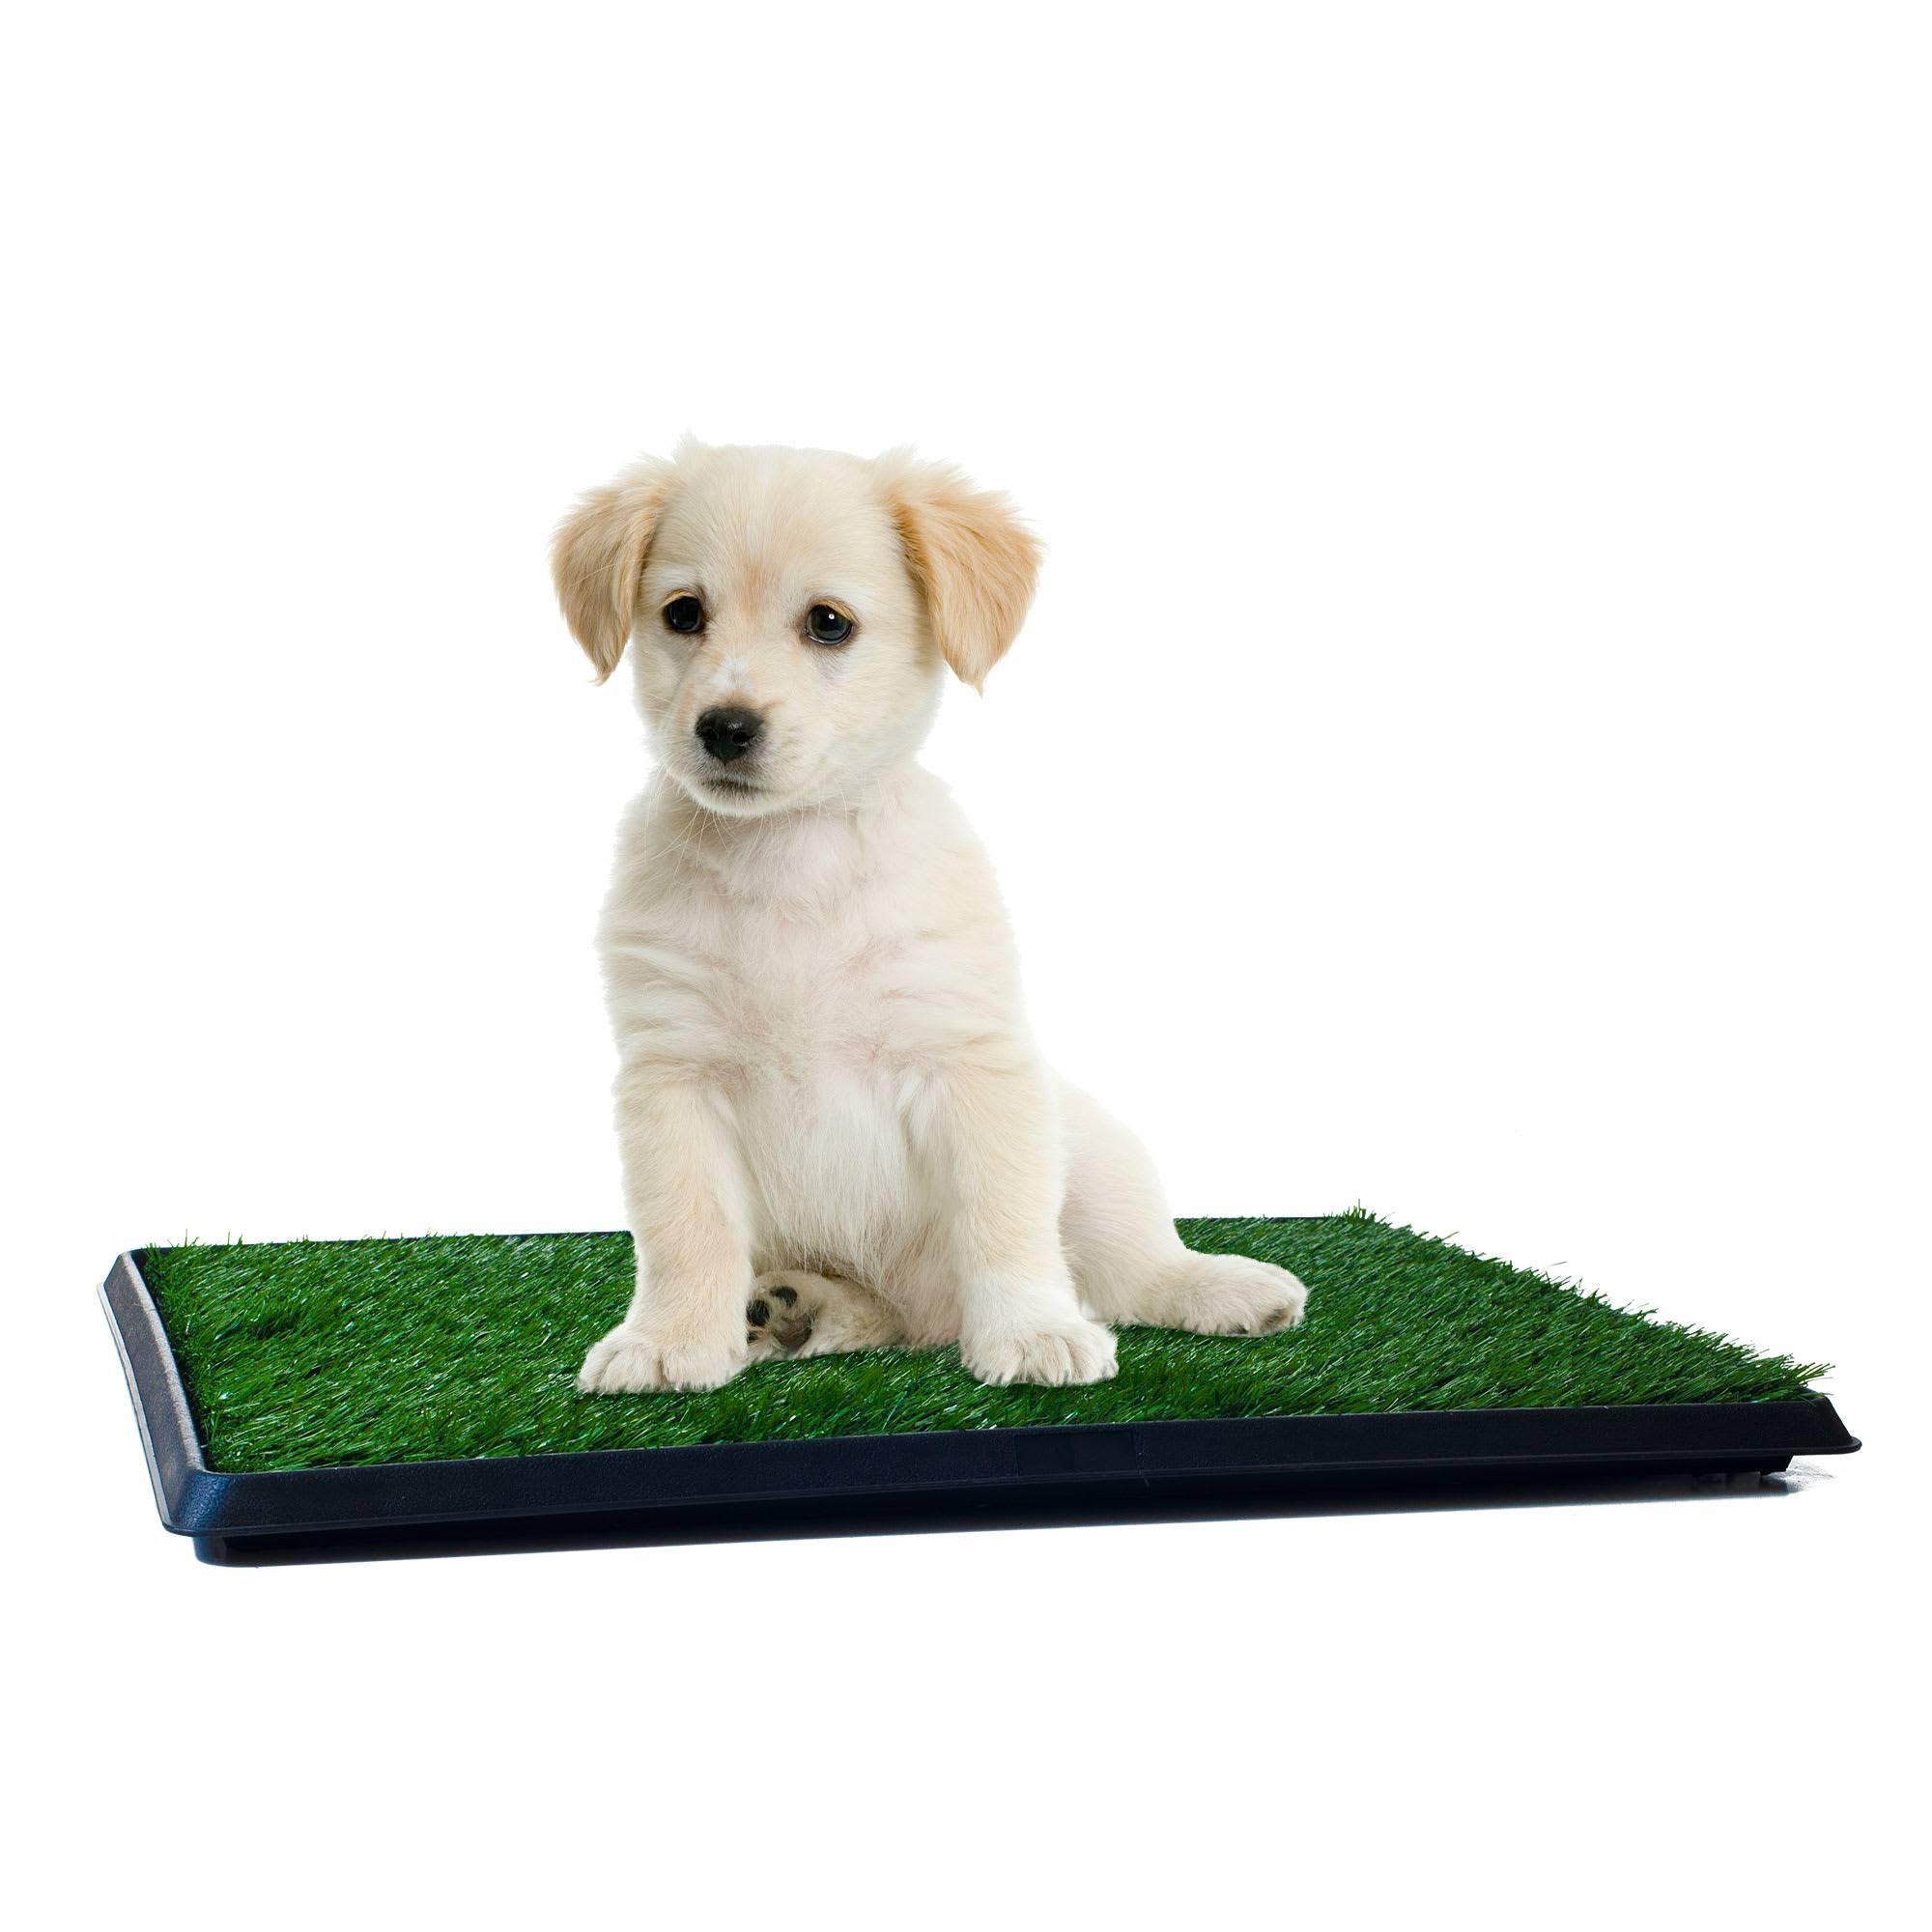 Как приучить щенка ходить в туалет на пеленку или в лоток – jackrussell.pro